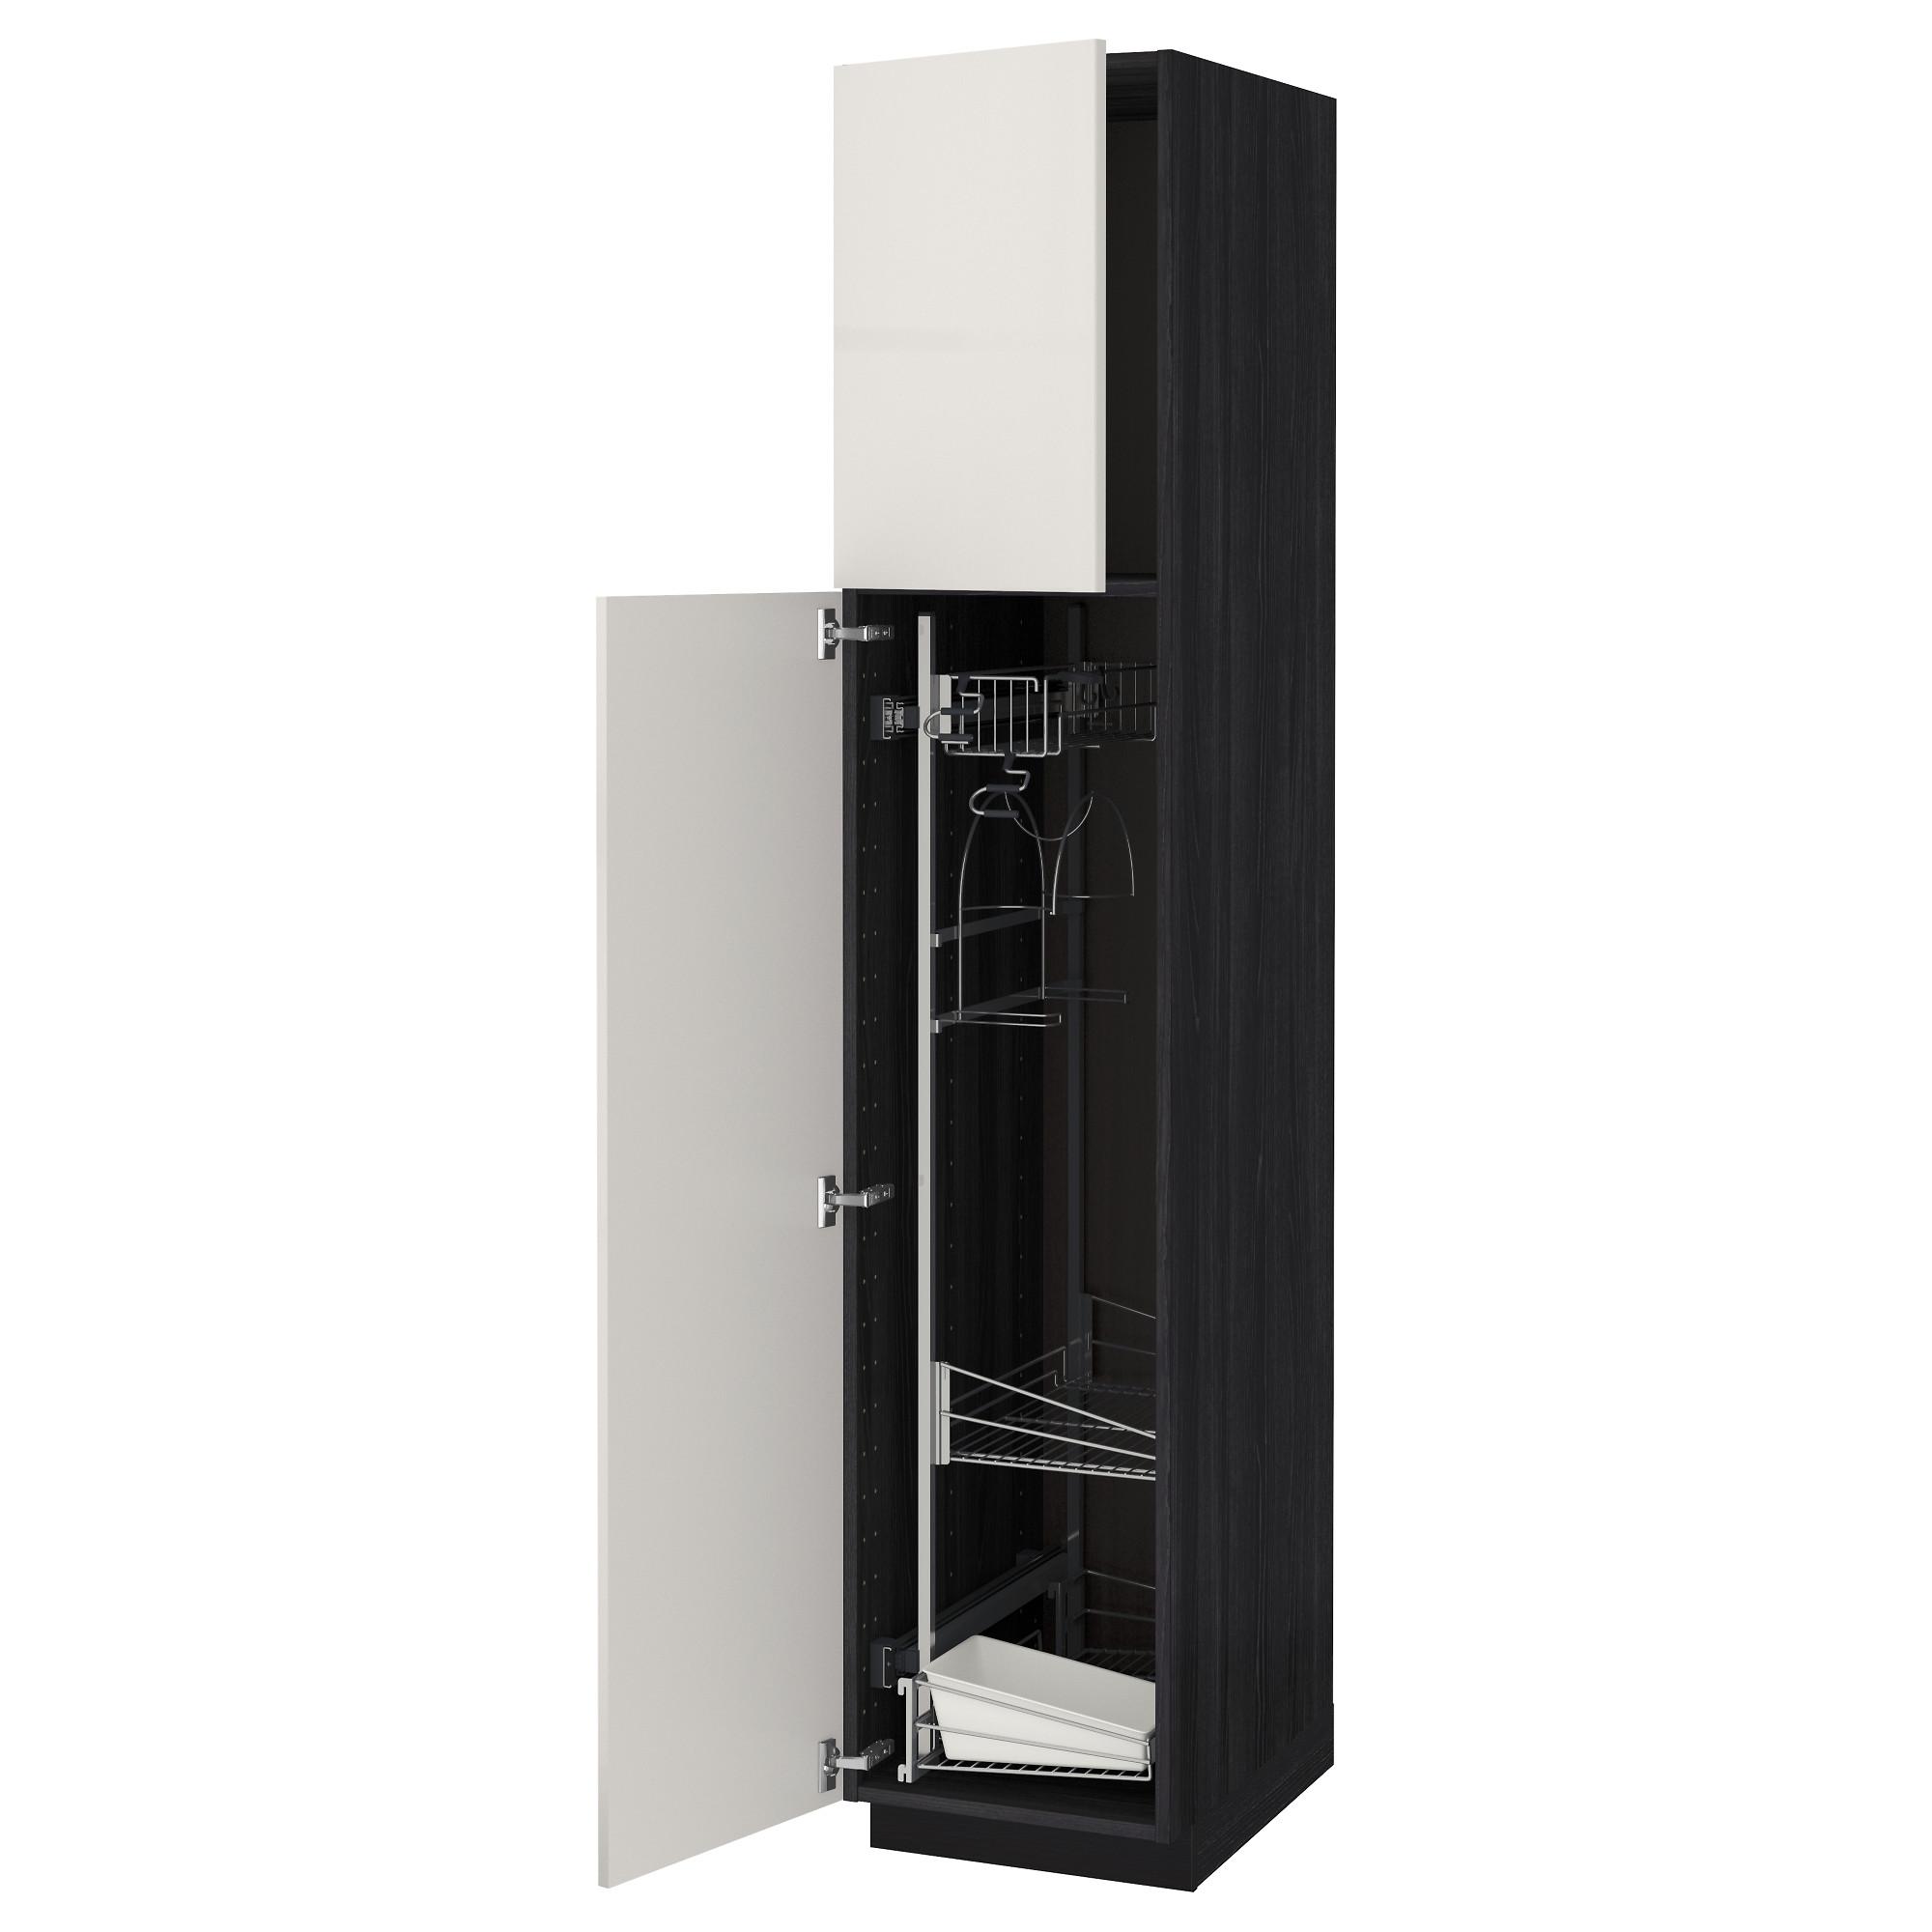 Высокий шкаф с отделением для аксессуаров, для уборки МЕТОД черный артикуль № 392.329.14 в наличии. Online сайт IKEA РБ. Быстрая доставка и соборка.